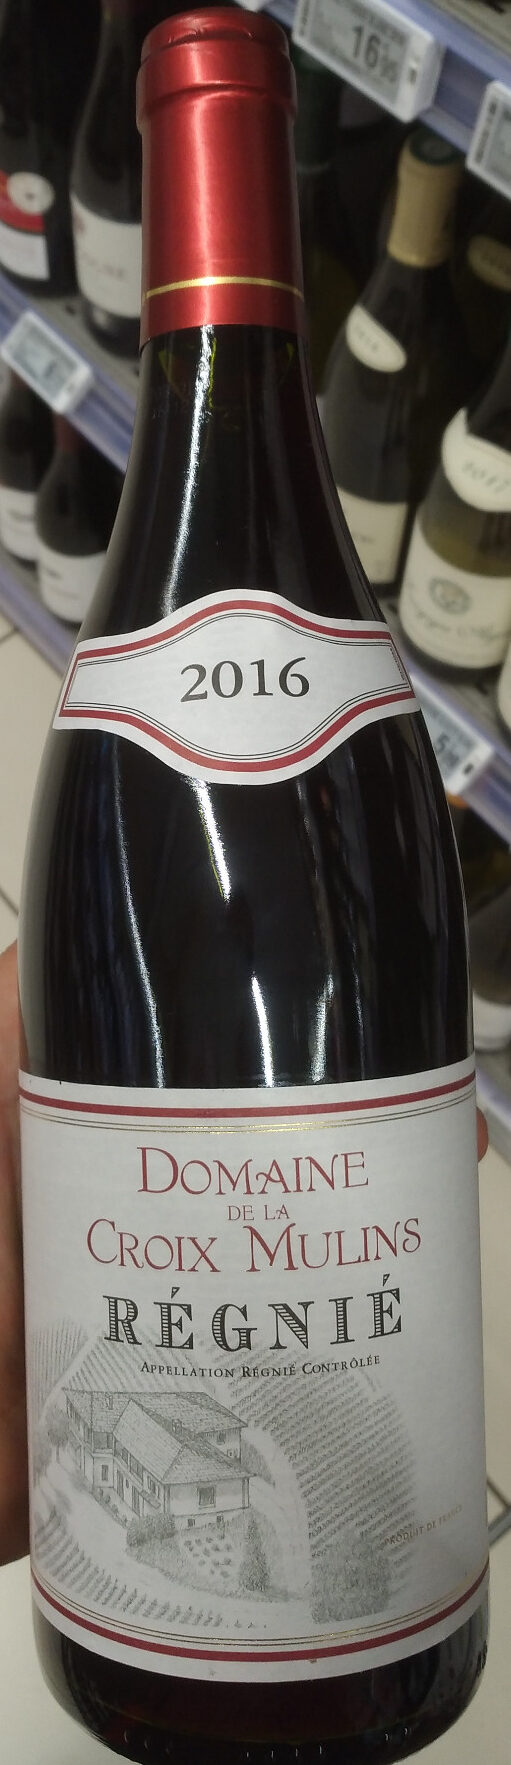 Régnié 2016 - Produit